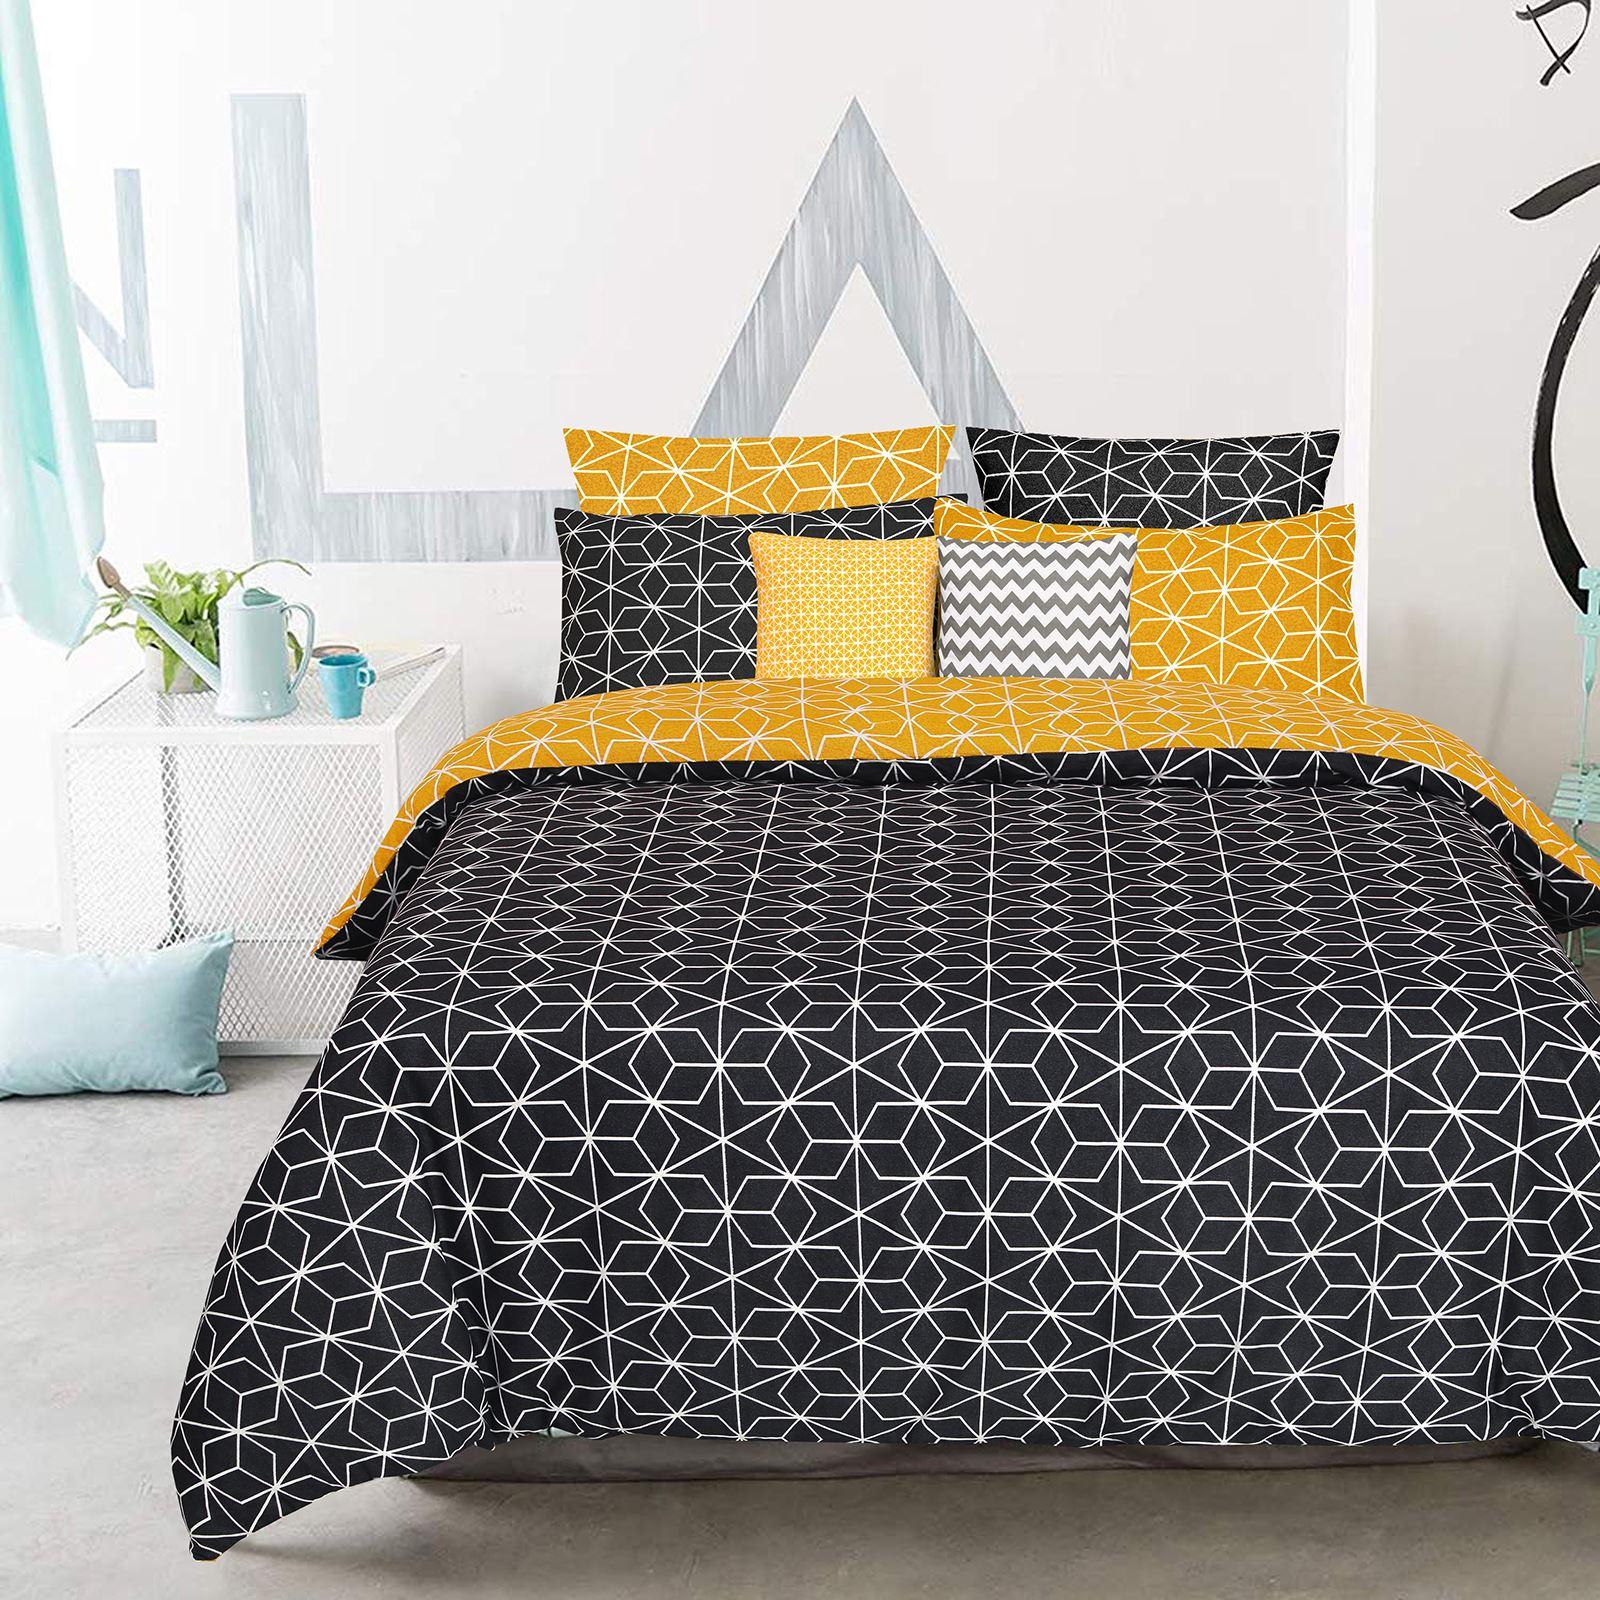 Geometrique-Housse-De-Couette-100-Coton-Couette-Douce-Literie-Simple-Double-King-Taille miniature 24